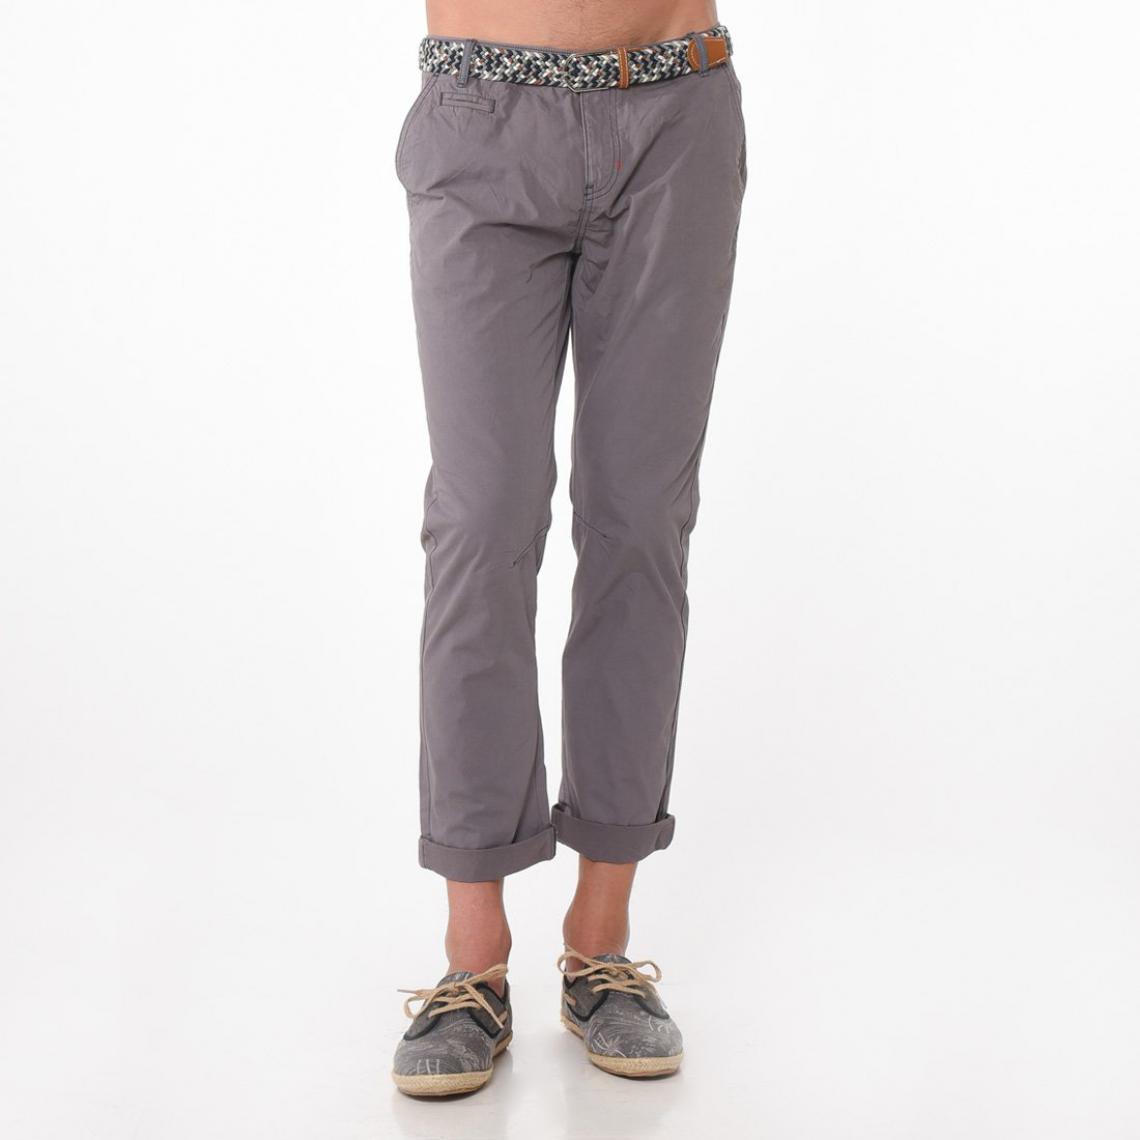 Pantalon chino homme longueur US 32 + ceinture tressée Kaporal - Gris  Kaporal 5 Homme 3f73fd68557